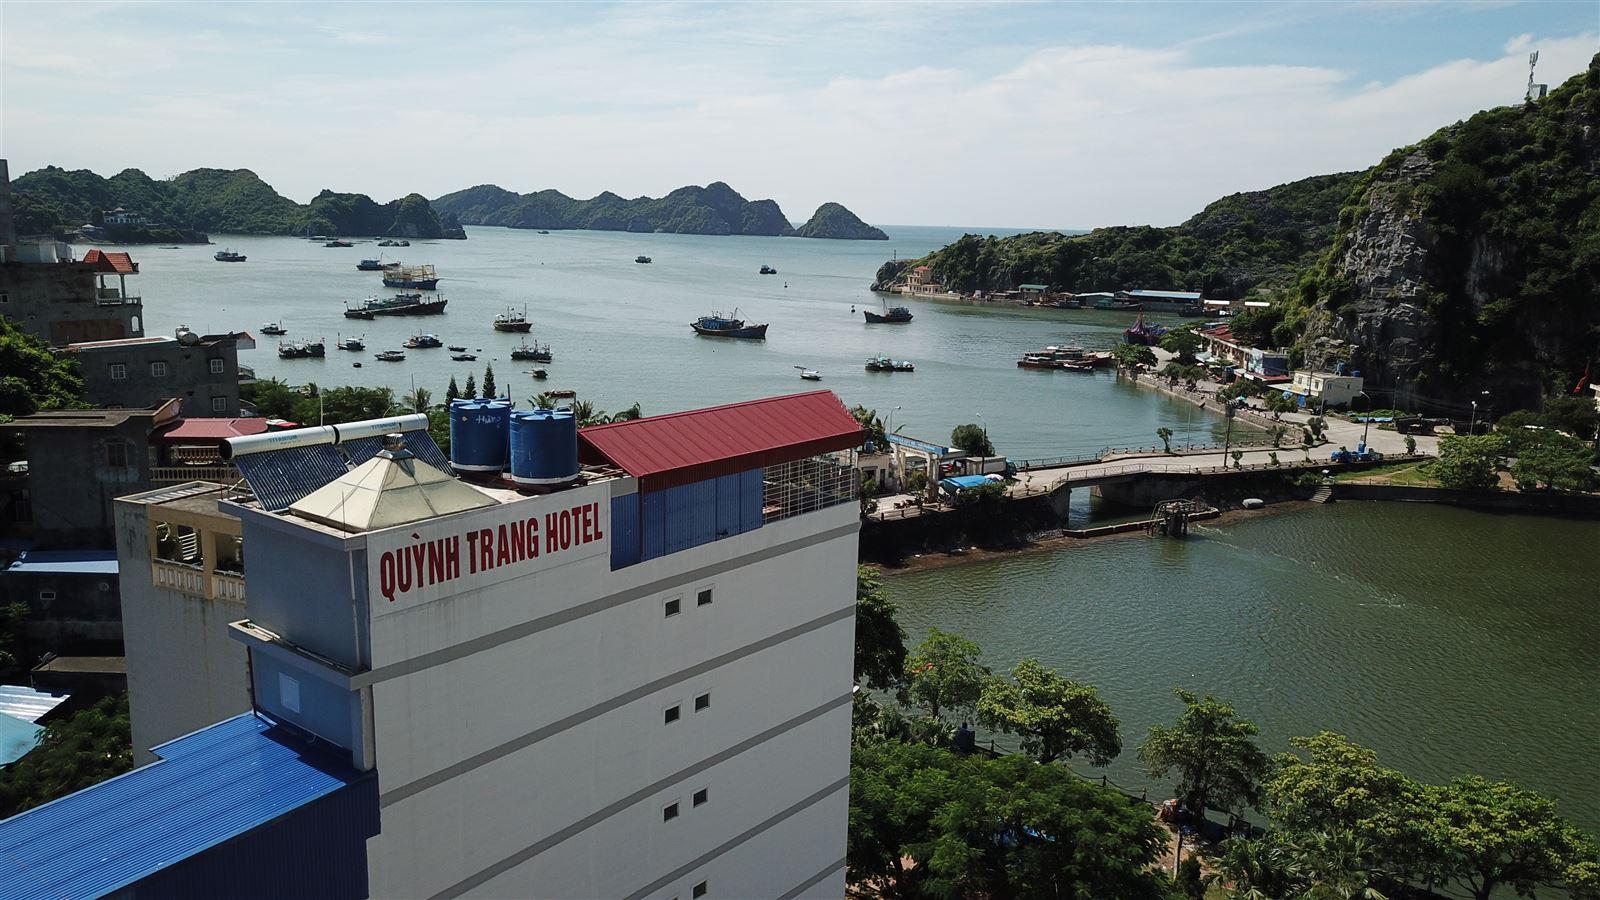 Khách sạn Quỳnh Trang